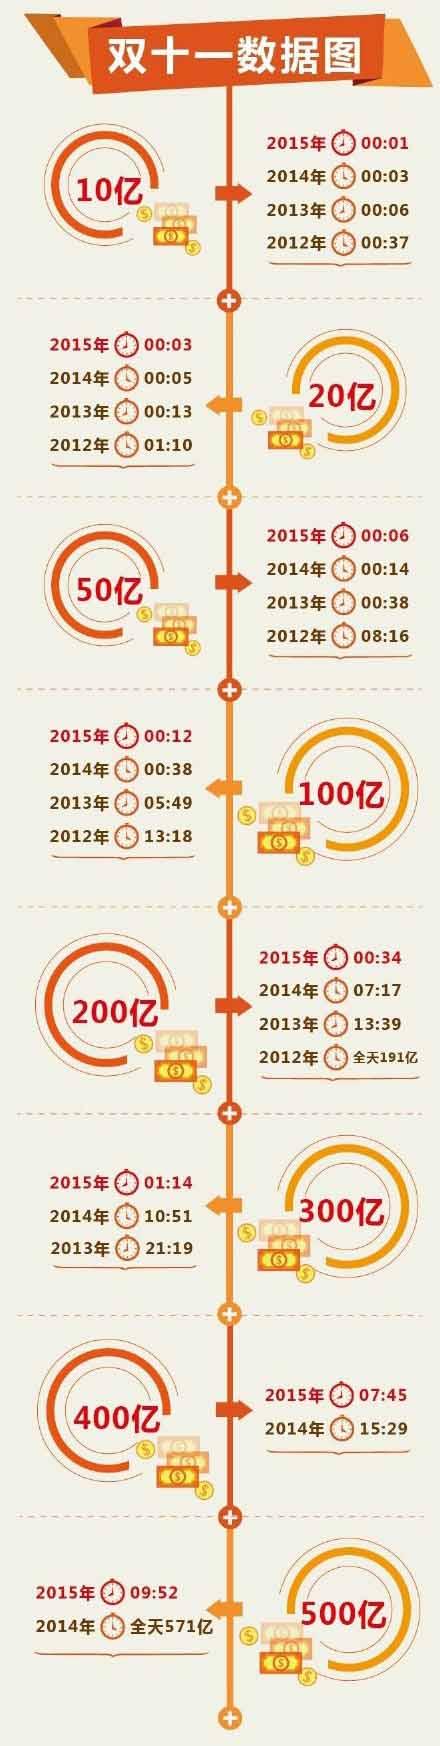 截止到500亿的历年耗时对比图(图片来源:电商报)